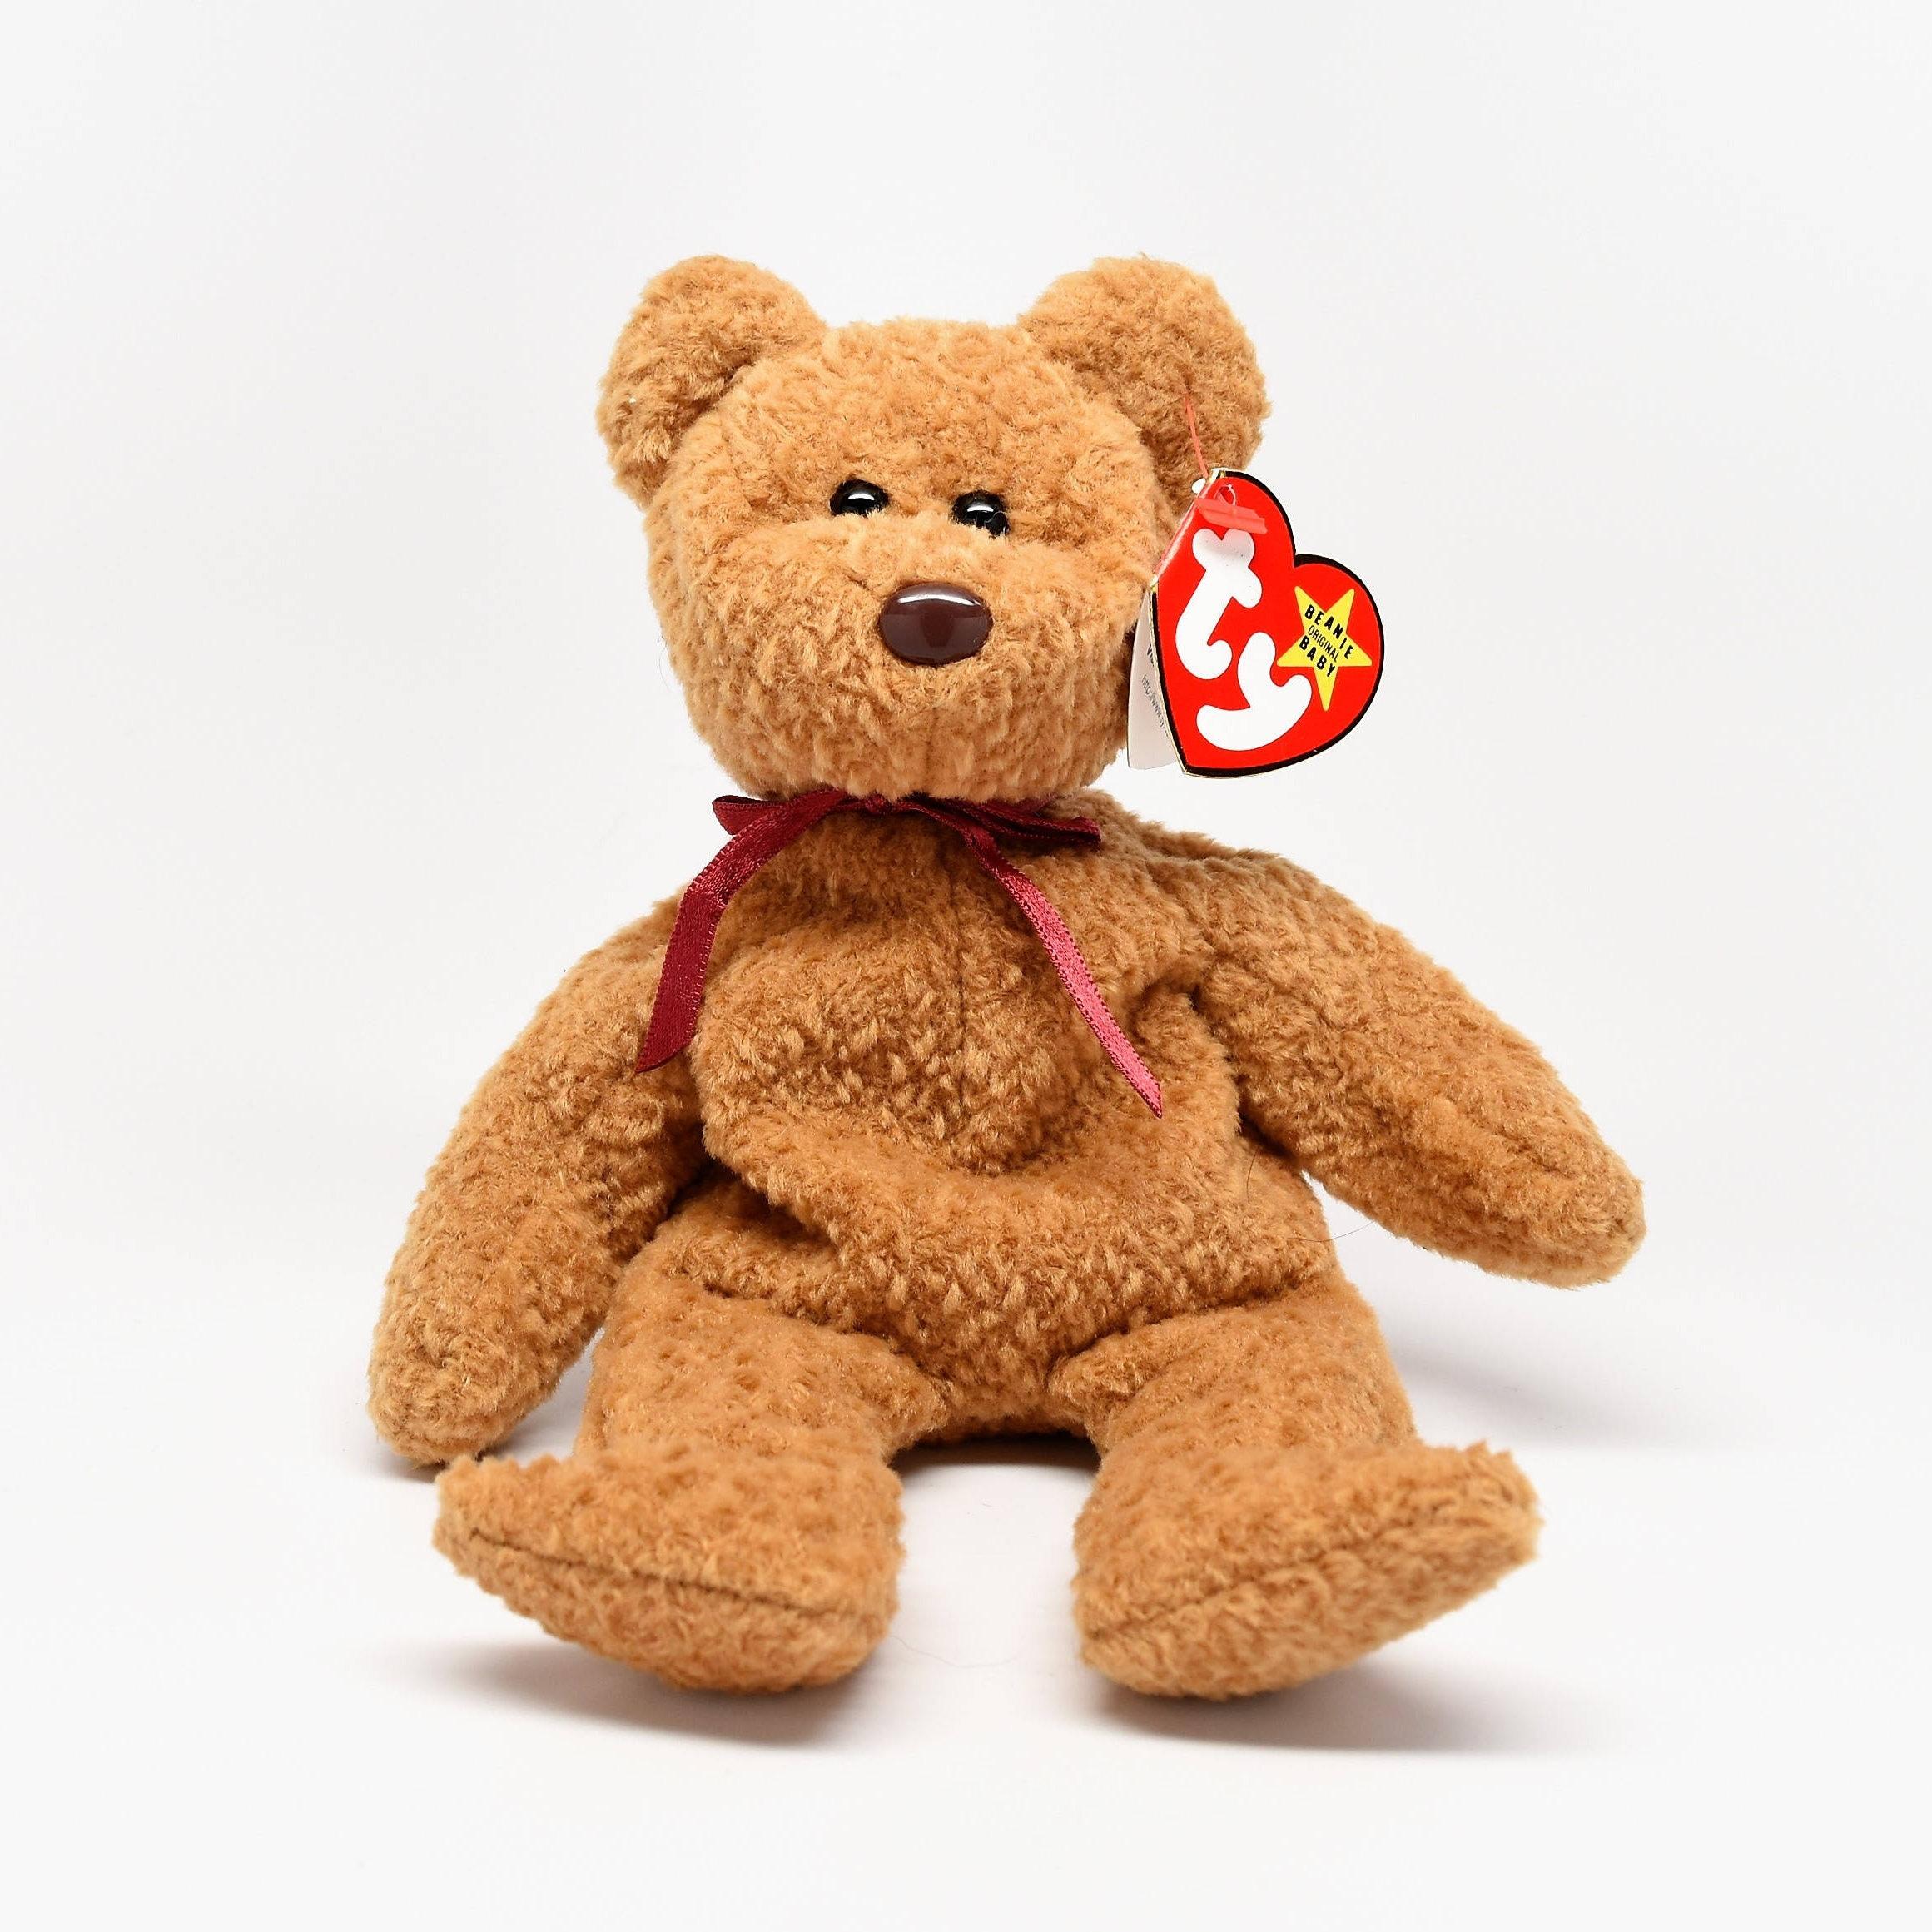 TY RETIRED CURLY Beanie Baby 62b3ebc1884